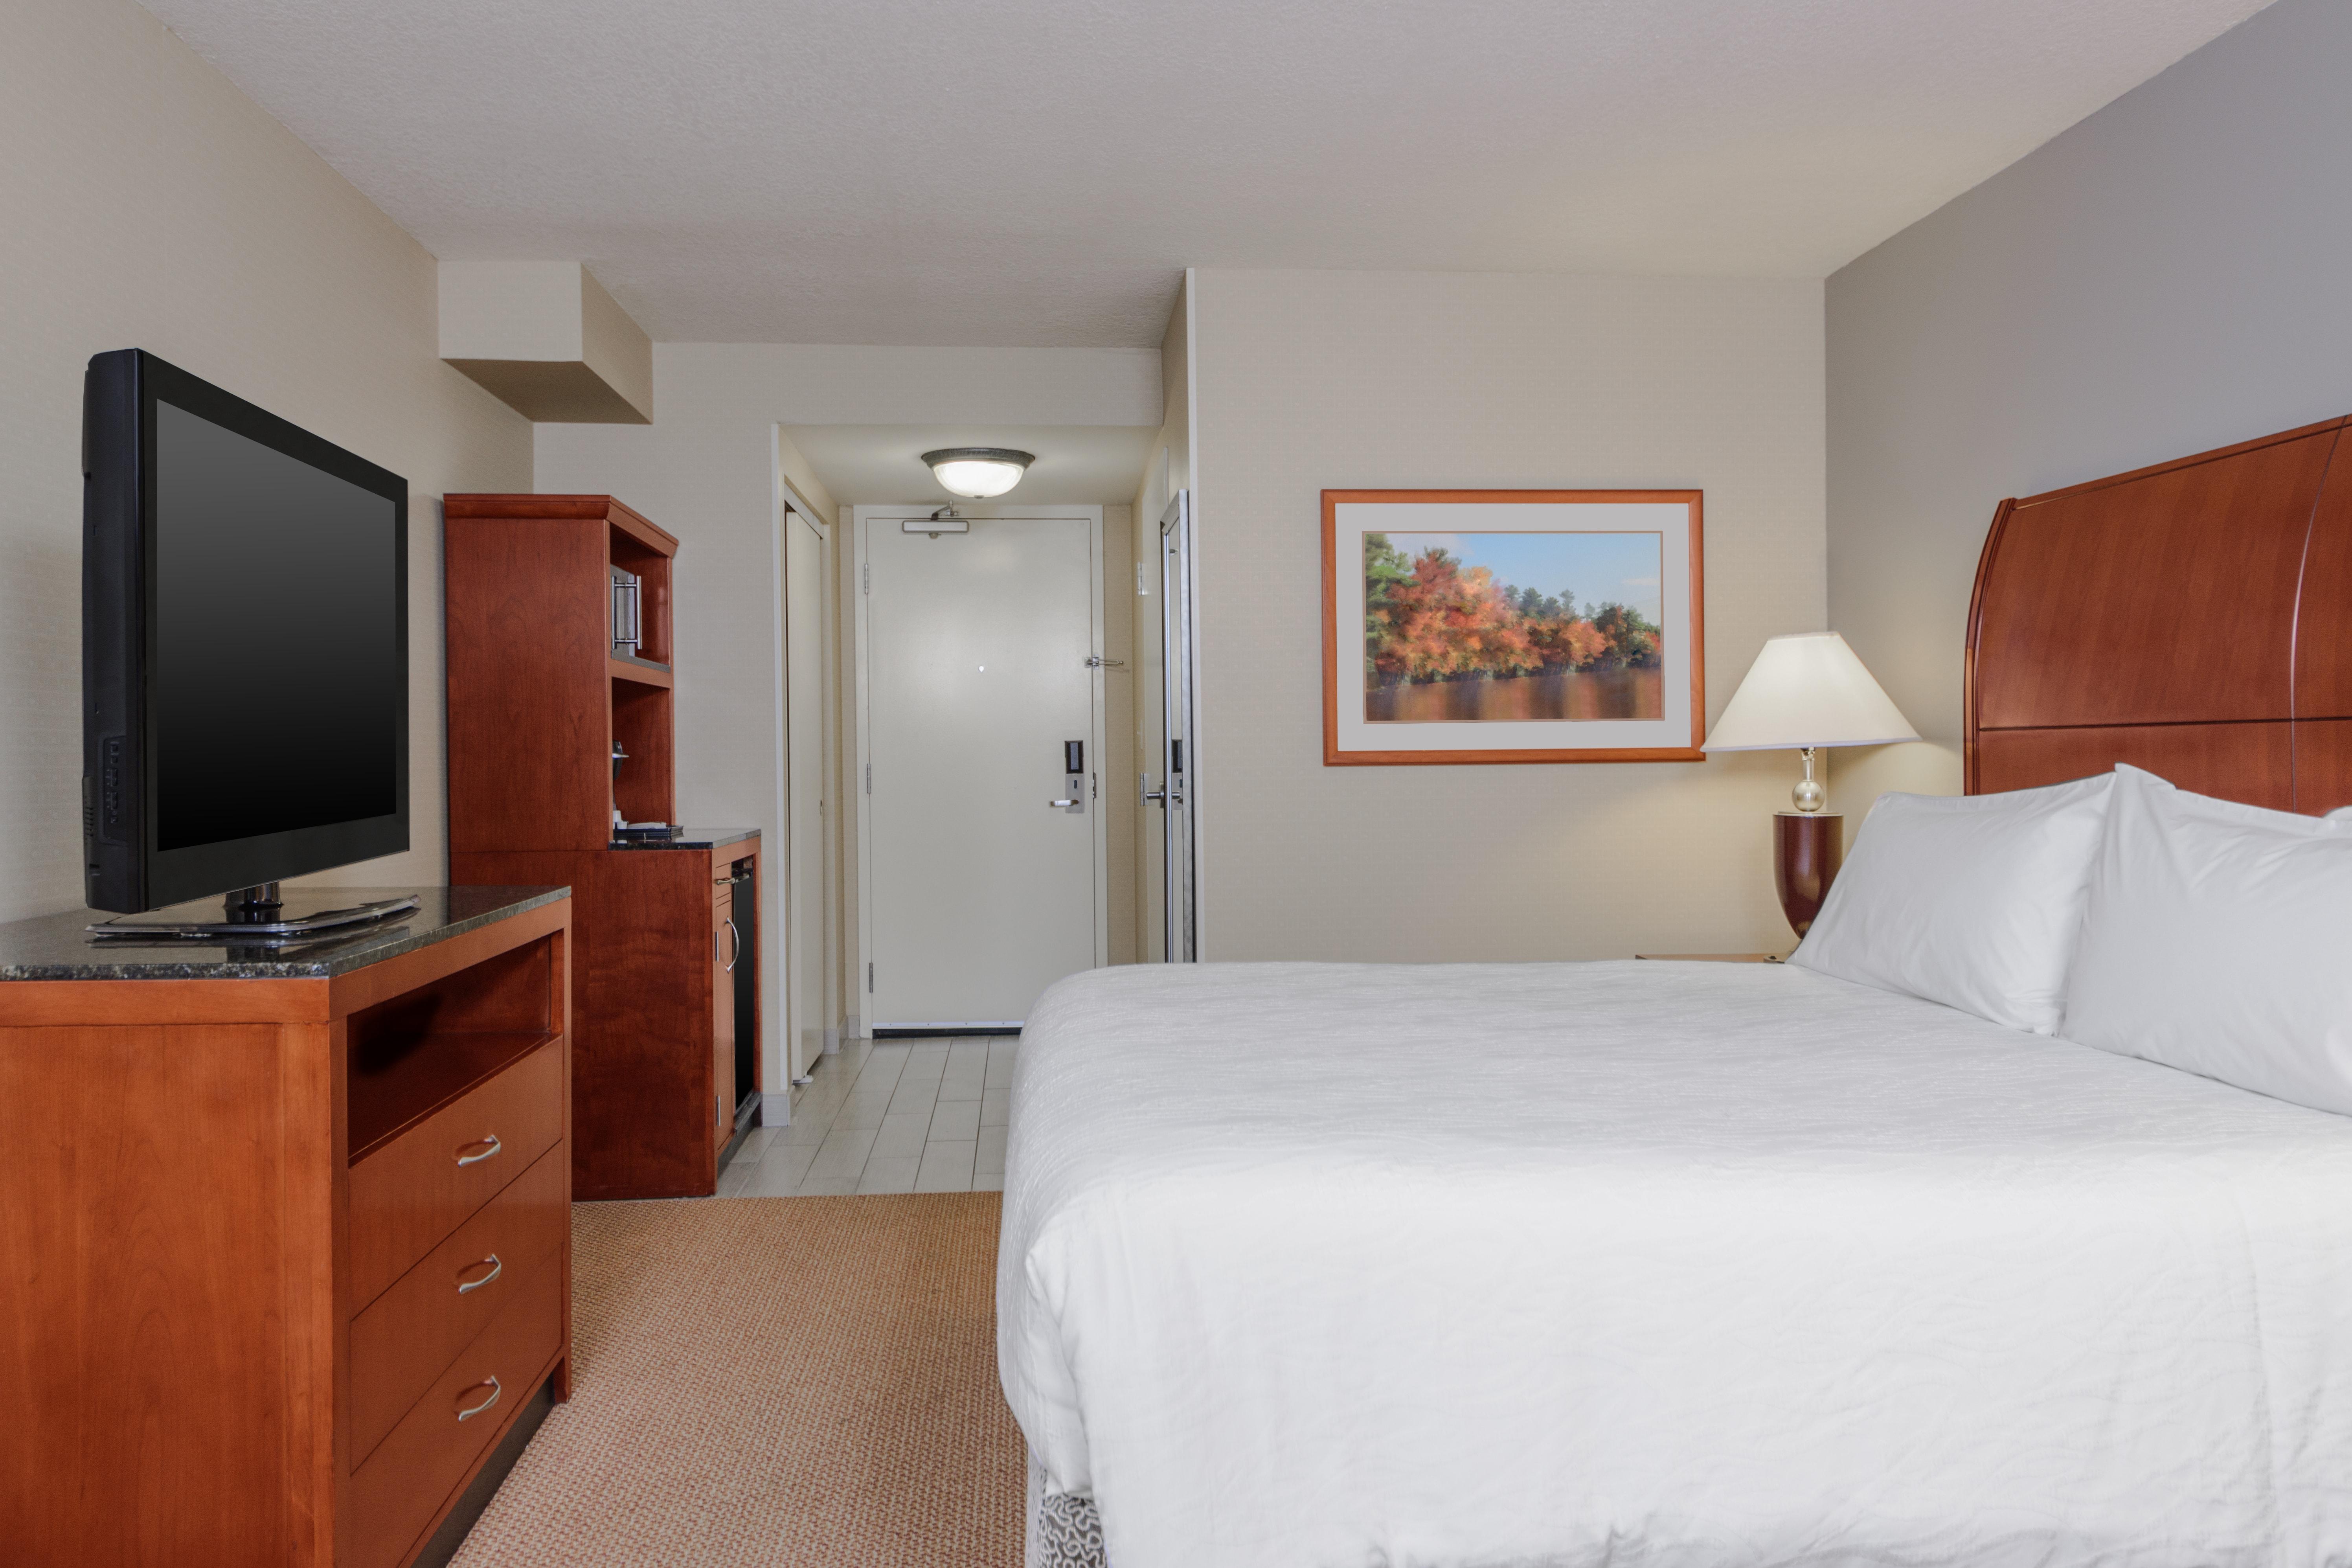 https://www.hotelsbyday.com/_data/default-hotel_image/3/16026/dsc-6627-hdra.jpg